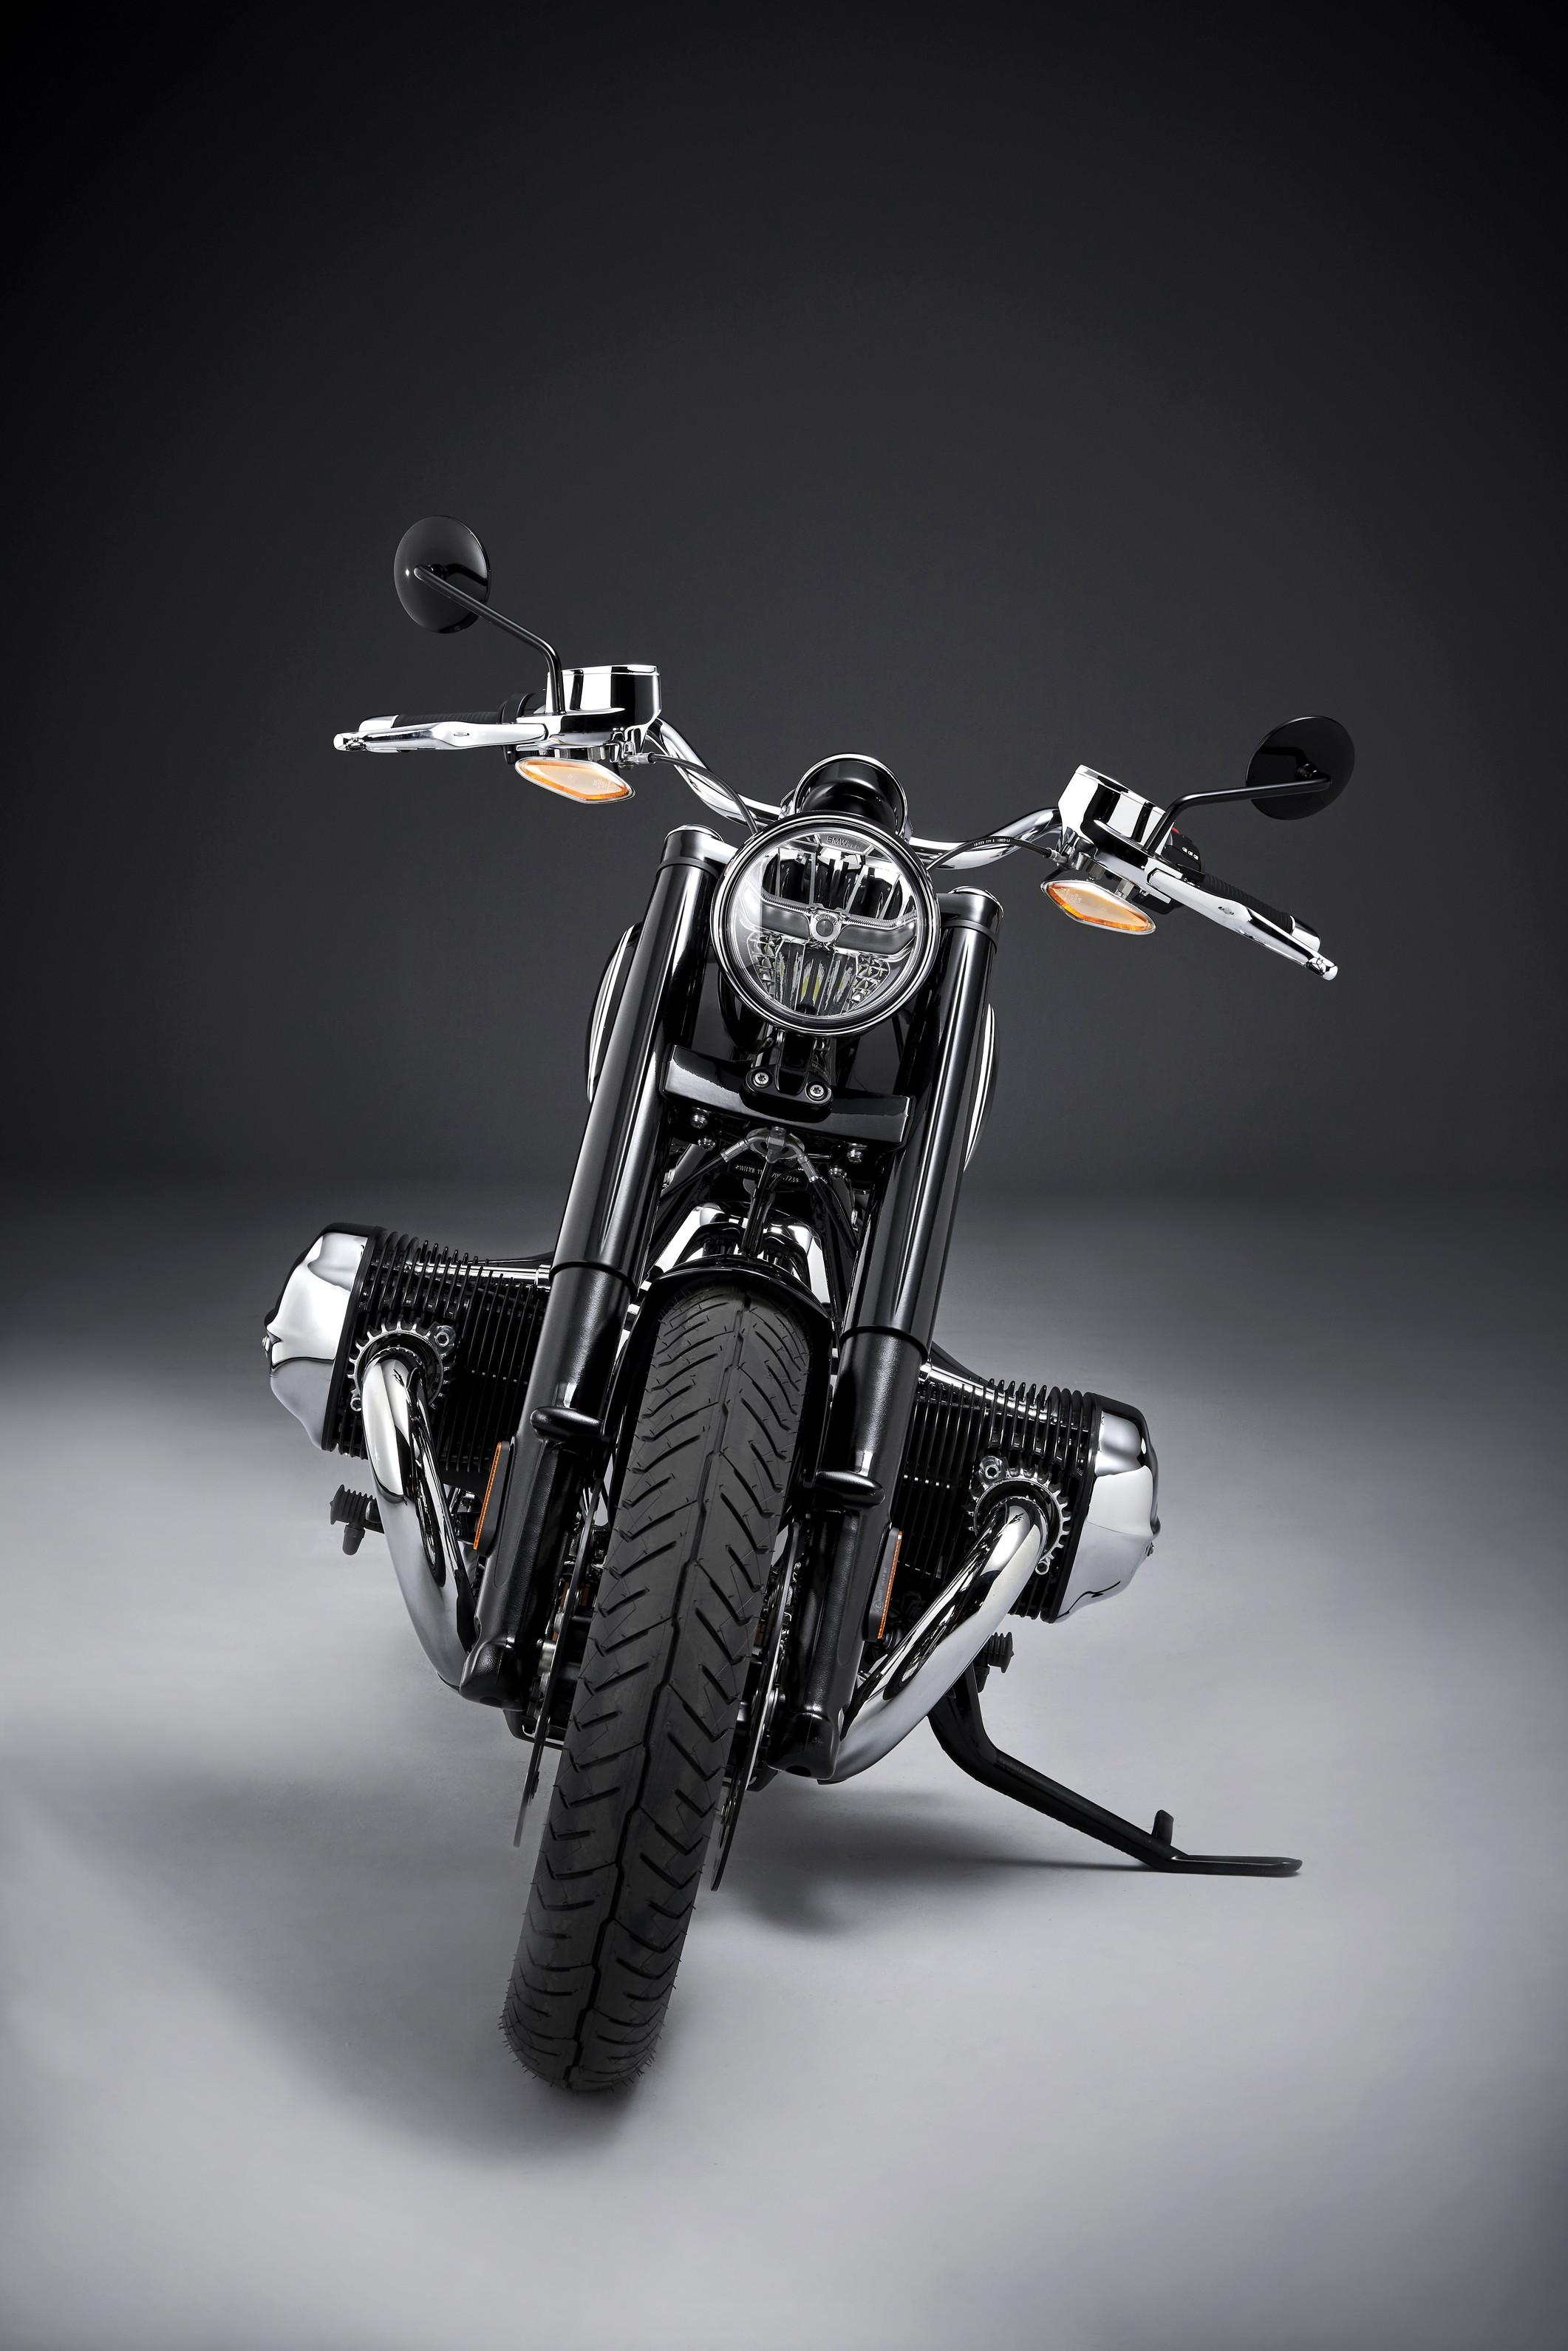 """Con la nuova R 18, BMW Motorrad entra nel segmento delle cruiser. Come nessun'altra moto precedente, questo modello rientra a pieno titolo nella tradizione delle moto storiche BMW, sia in termini tecnici che di design. Una moto """"esagerata"""", ma anche minimalista allo stesso tempo e super peronalizzabile nel puro stile Bmw.    Gli elementi di rilievo della nuova BMW R 18:  Stile iconico che fonde la tecnologia moderna con materiali autentici.  Il più grande motore boxer BMW di tutti i tempi, con una cilindrata di 1802 cc.  Potenza massima 67 kW (91 CV) a 4750 giri/min, coppia massima 158 Nm a 3000 giri/min.  Più di 150 Nm sempre disponibili da 2000 a 4000 giri/min.  Albero di trasmissione a vista basato sul modello classico.  Telaio in acciaio con struttura a doppia culla realizzato con accurata lavorazione.  Forcellone posteriore che incorpora l'albero di trasmissione in un effetto di telaio rigido.  Forcella telescopica con copri forcella e con sistema Cantilever della sospensione posteriore con ammortizzazione progressiva.  Equilibrata ergonomia per una guida rilassata e un perfetto controllo.  Freni a disco anteriori e posteriori, con ruote a raggi.  Illuminazione basata su tecnologia a LED all'avanguardia di interpretazione classica.  Sistema di fari adattivi per una migliore illuminazione della strada in curva, disponibile come opzione di fabbrica.  Quadro strumenti circolare dal design classico con display integrato.  Keyless Ride per una comoda attivazione tramite telecomando.  Tre modalità standard di guida, ASC e MSR.  Retromarcia assistita per manovre agevoli e Hill Start Control per partenze in salita, disponibili come opzioni di fabbrica.  R 18 First Edition: look esclusivo nella verniciatura e nelle cromature.  Ampia gamma di optional e Accessori Originali BMW Motorrad, e un'affascinante collezione Ride & Style."""